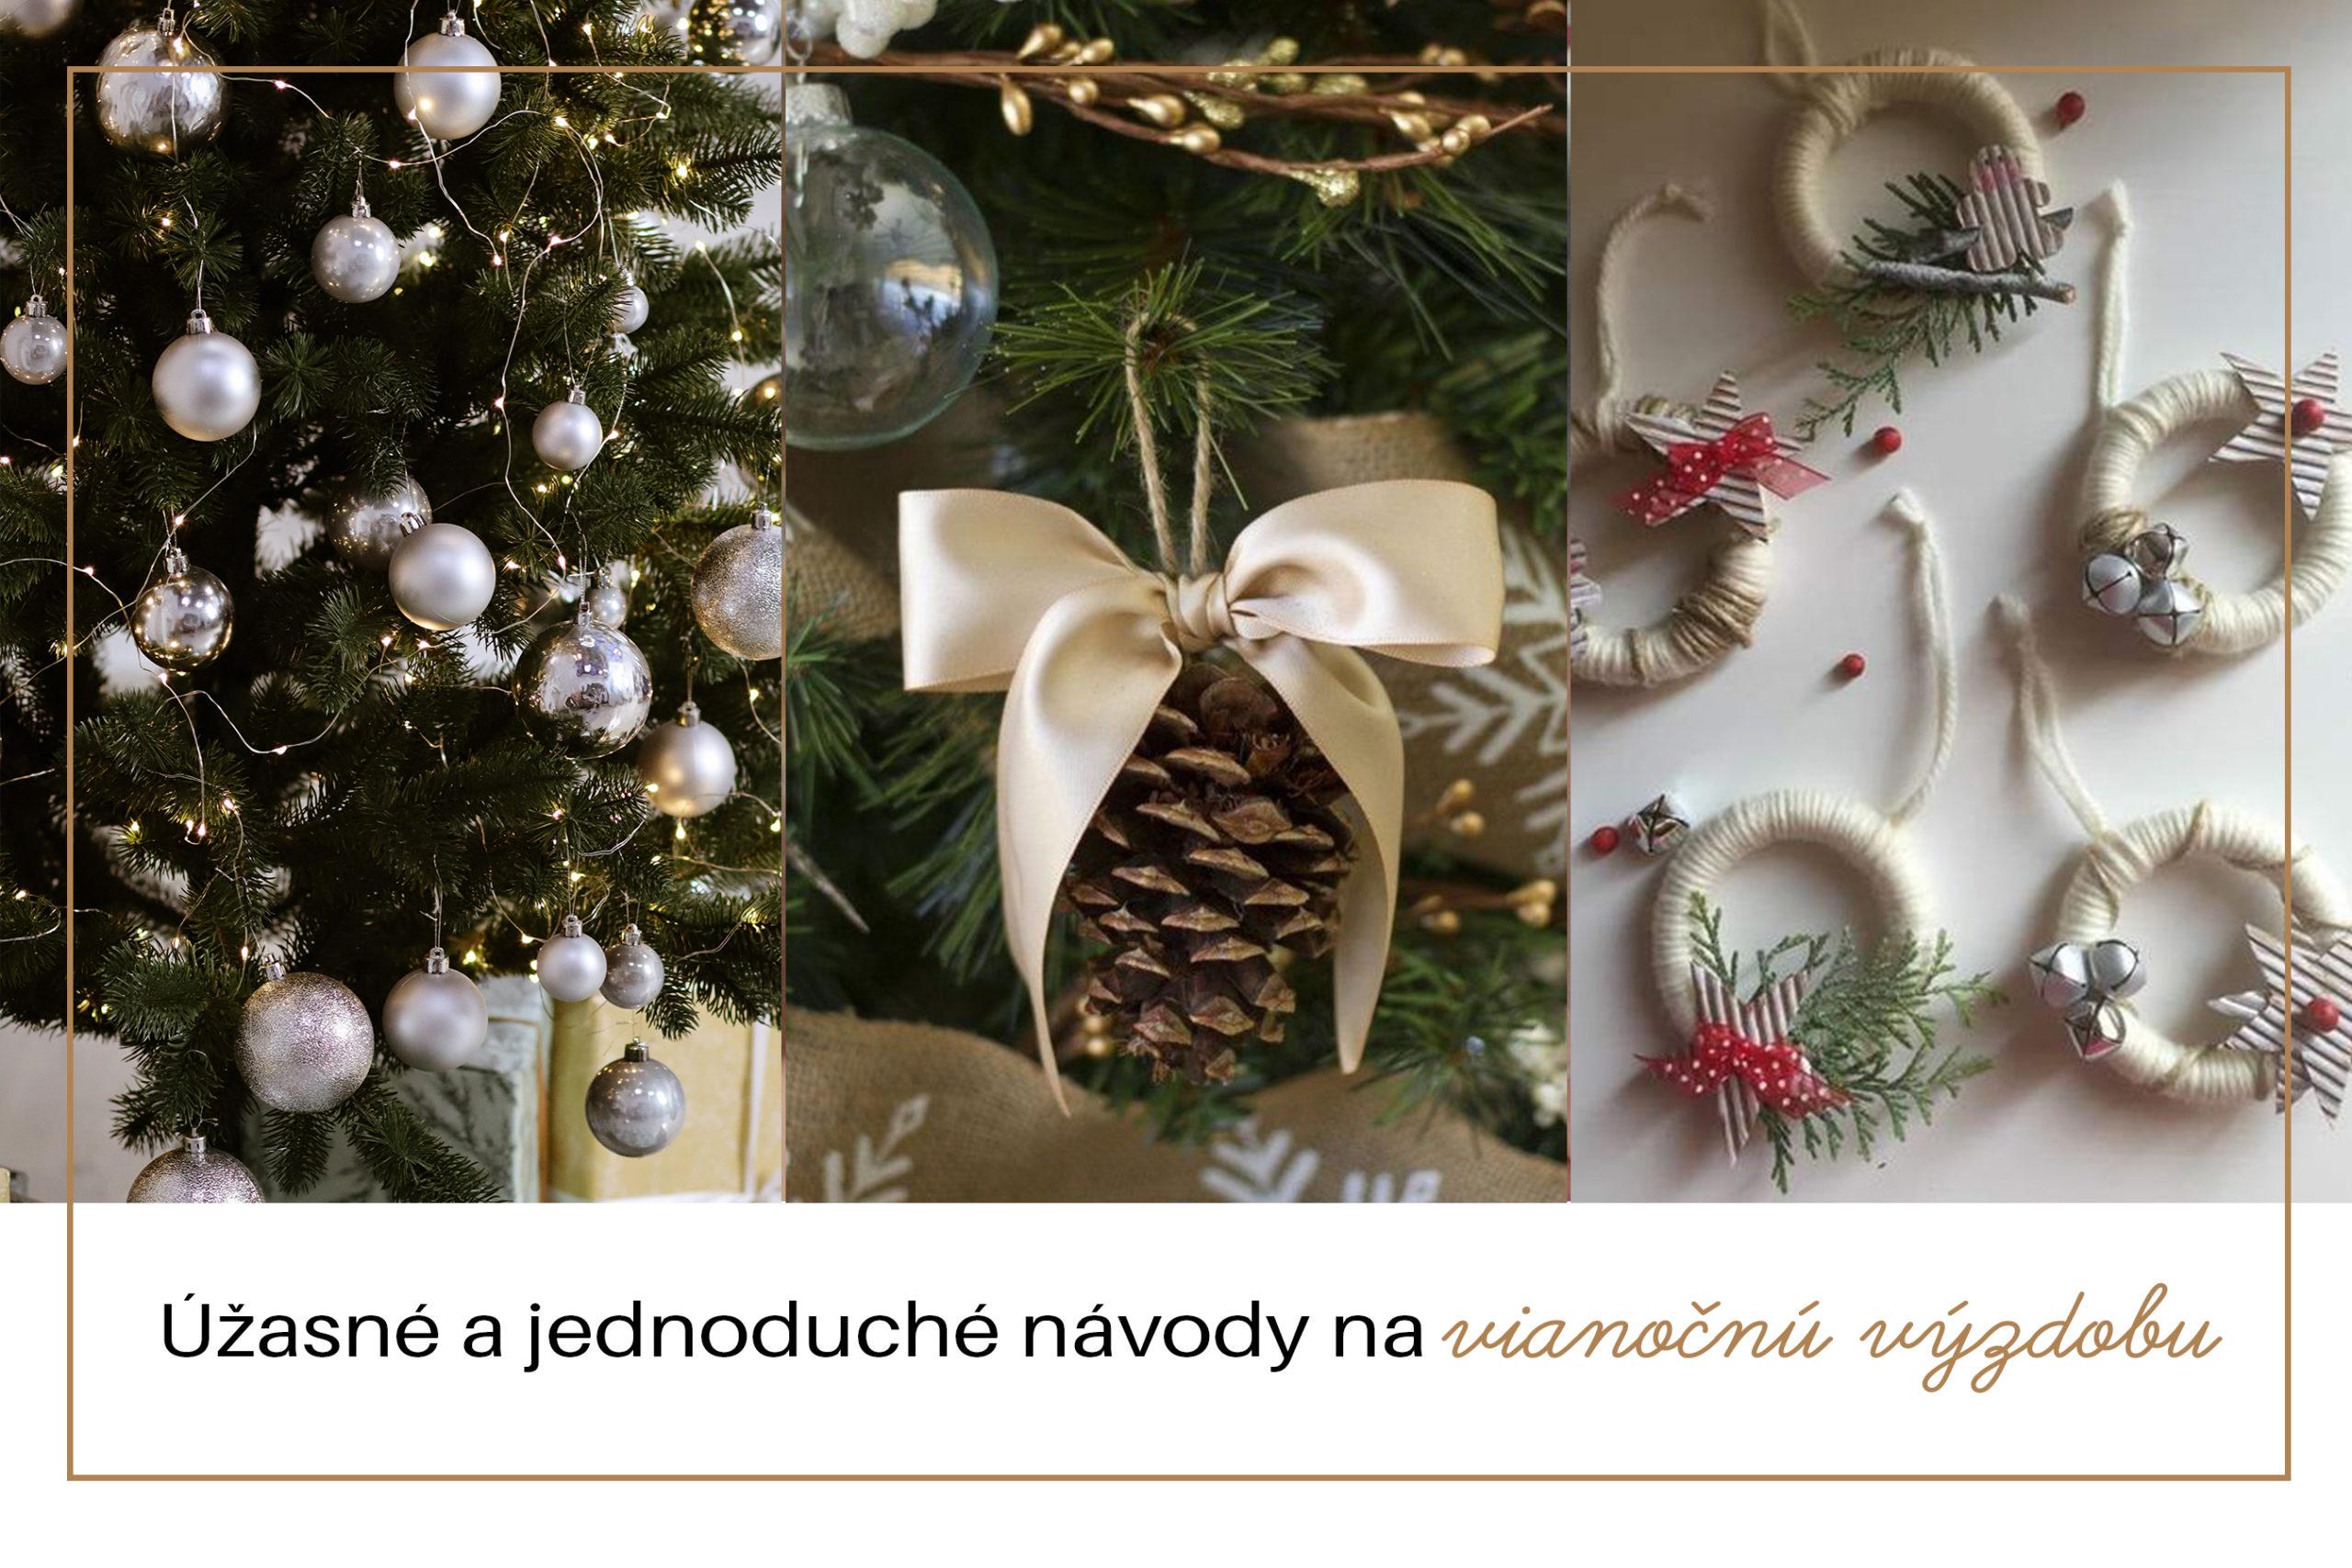 Úžasné a jednoduché návody na vianočnú výzdobu